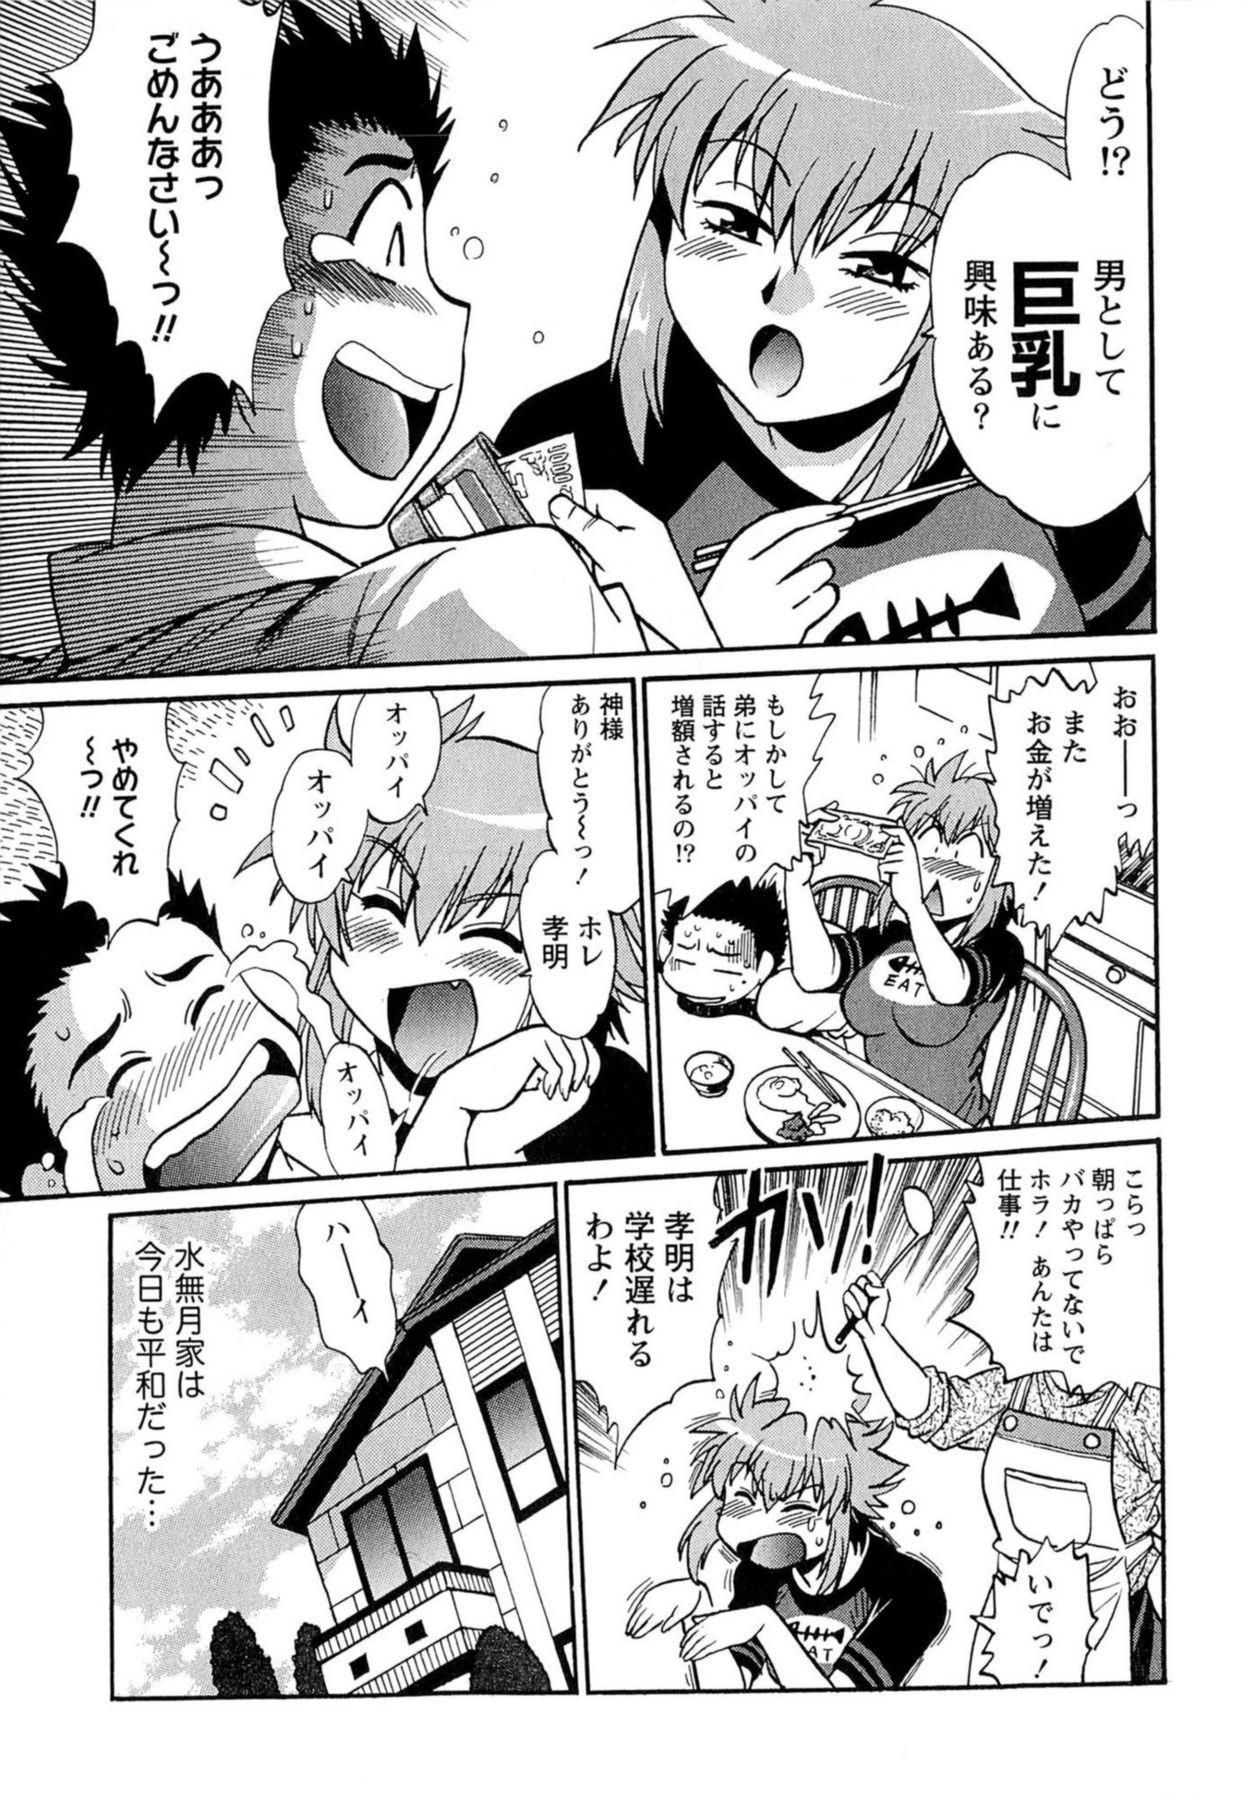 Kuikomi wo Naoshiteru Hima wa Nai! Vol. 1 111